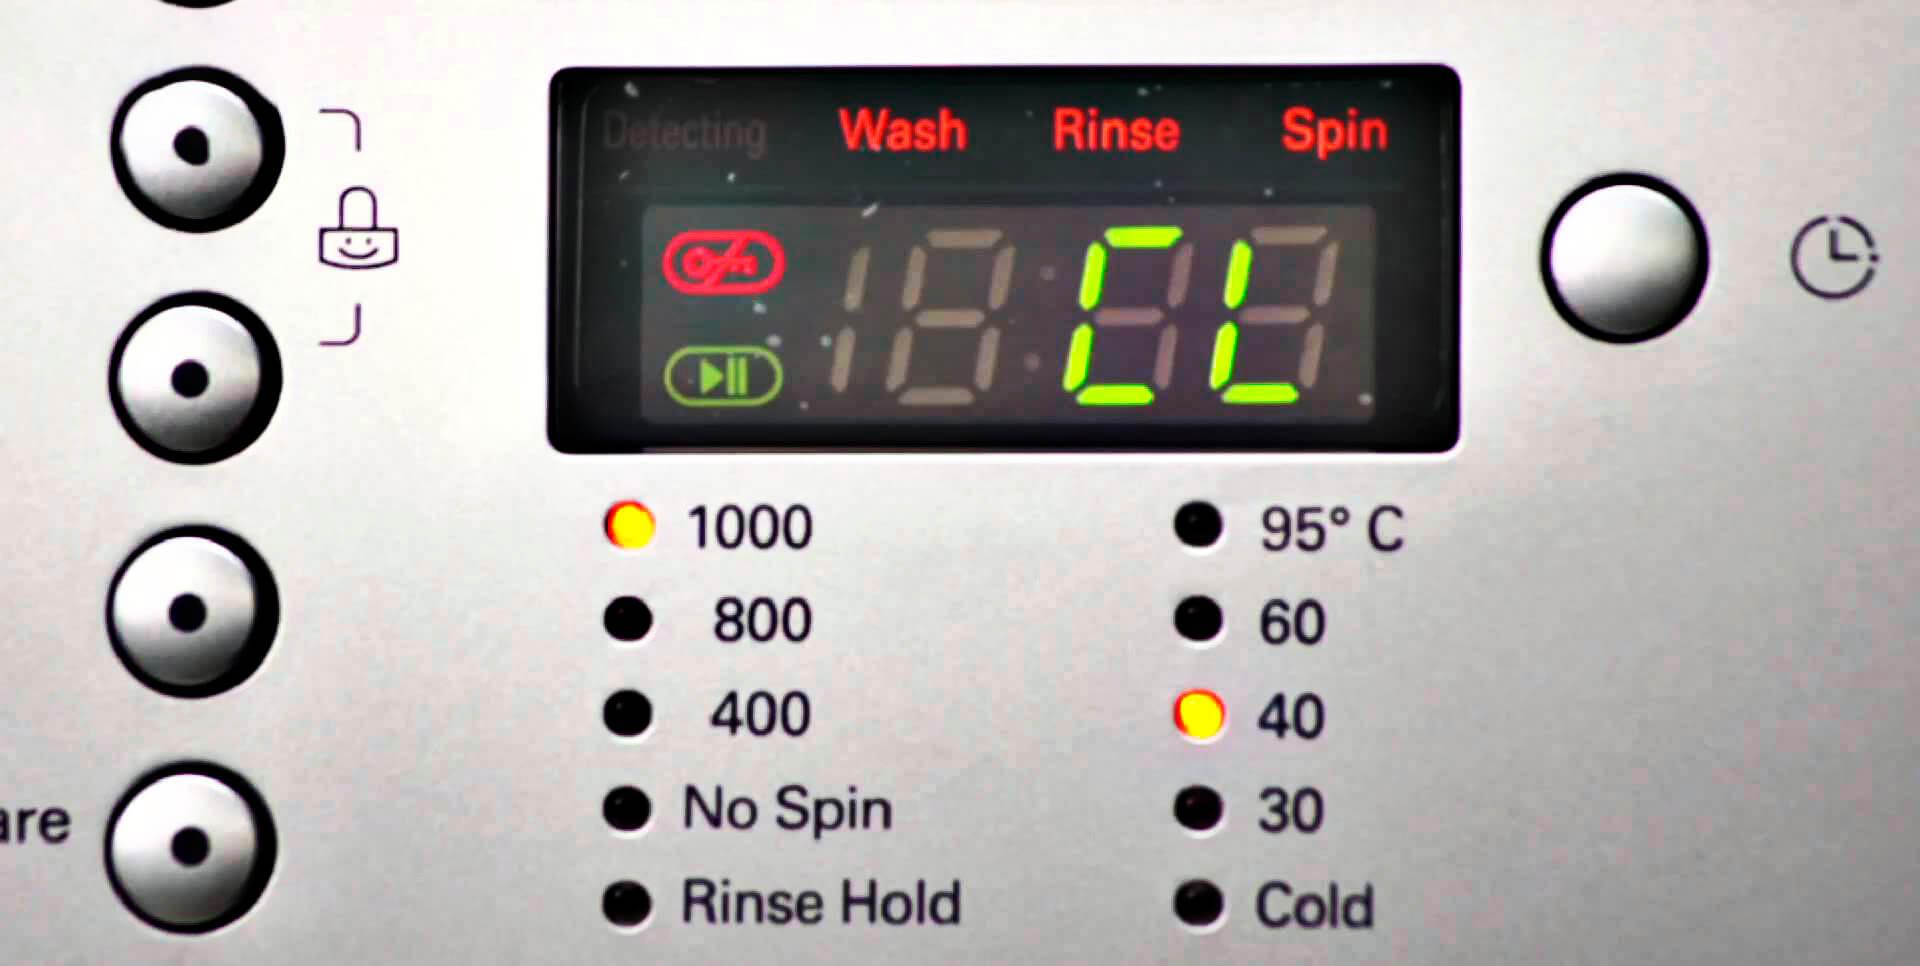 کد خطای CL در ماشین لباسشویی ال جی